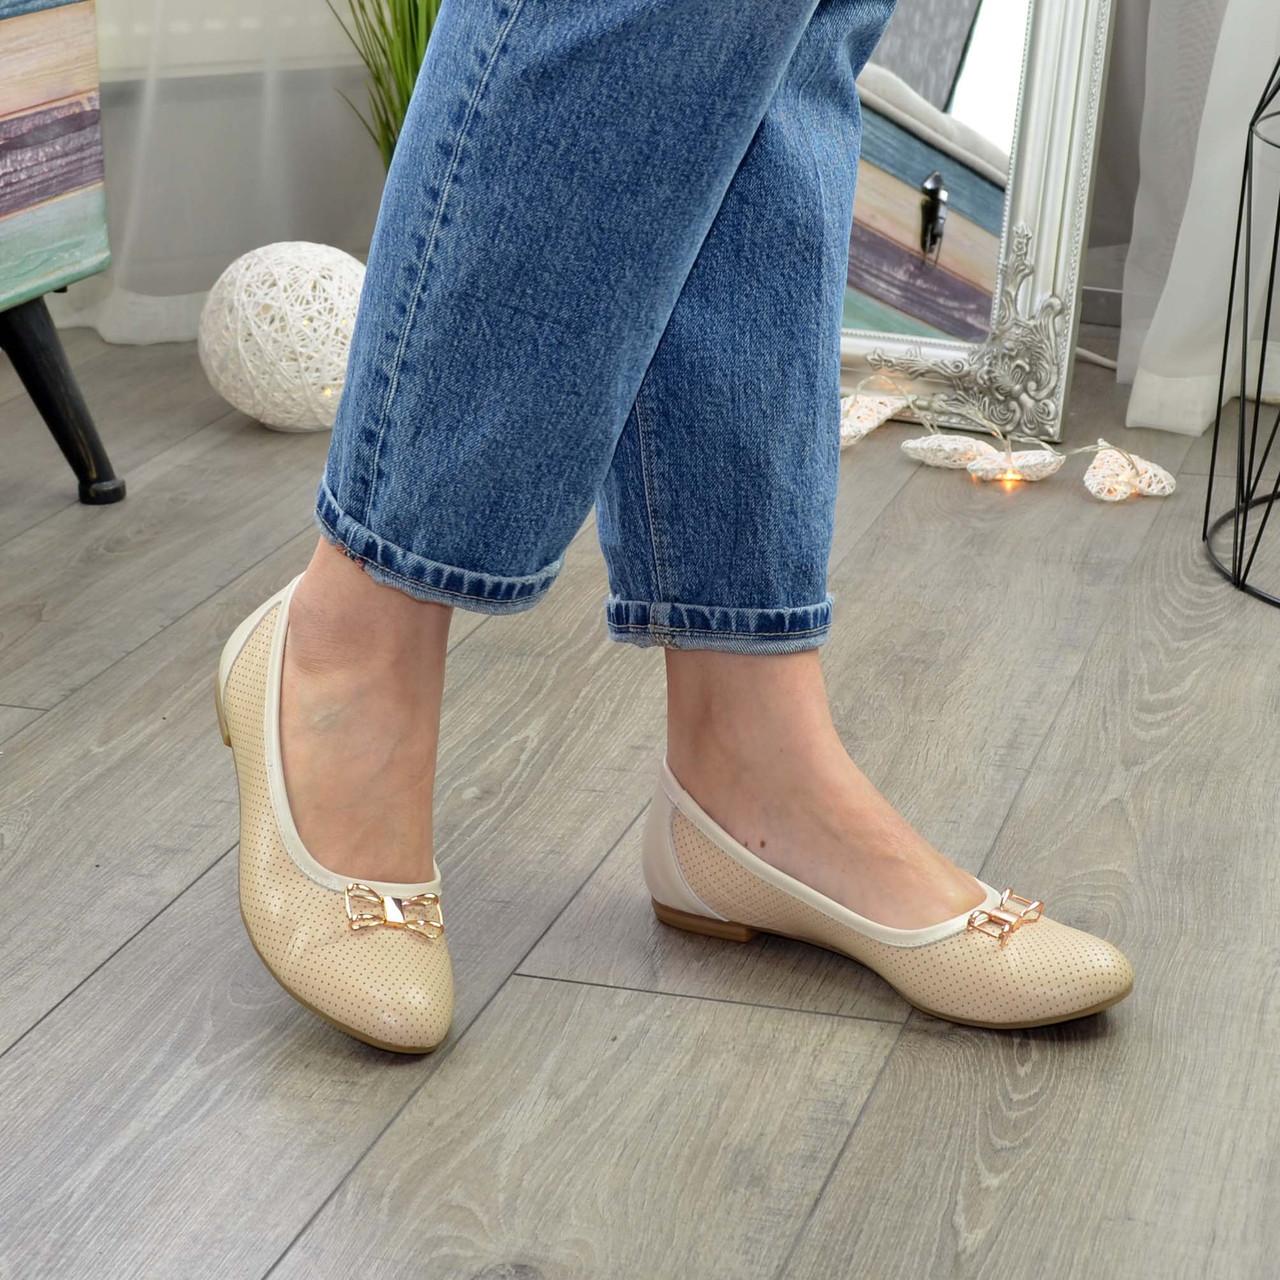 Женские кожаные бежевые туфли, декорированы бантиком